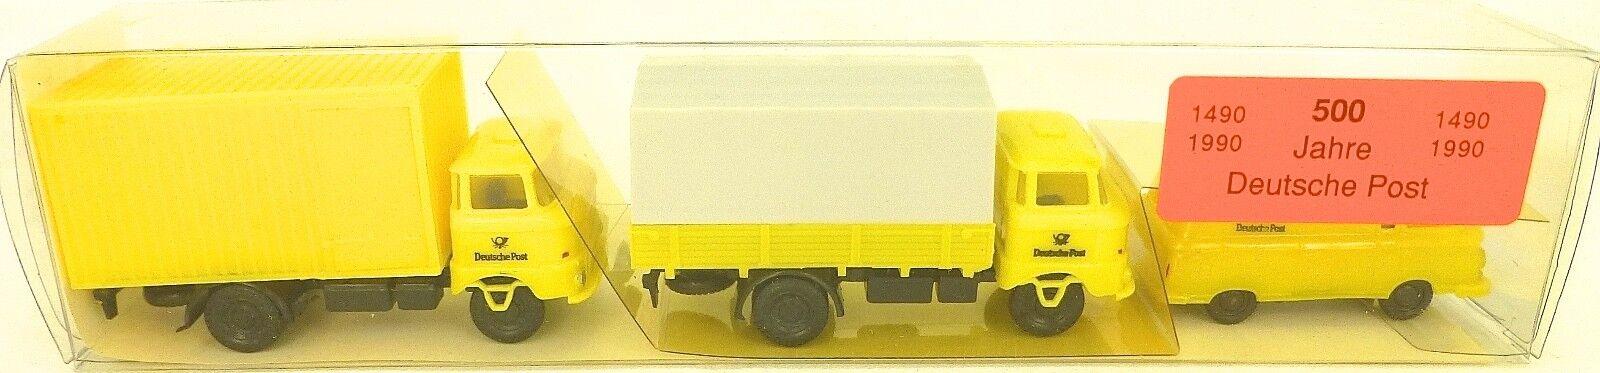 500 Jahre Deutsche post Special Set by Mini Car in Original Box 1 87  Hn2 Å